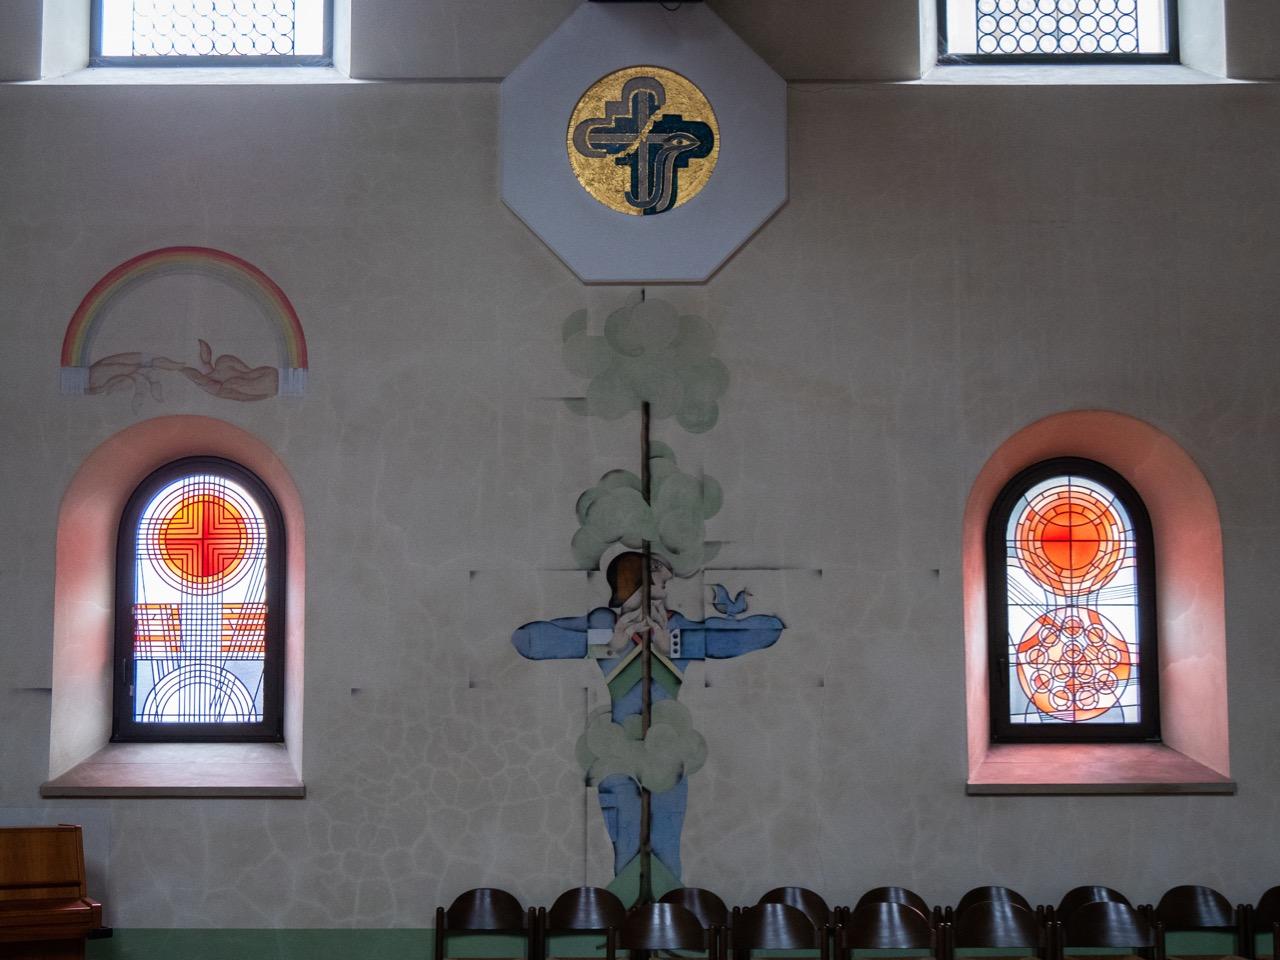 Südwand mit Buntglasfenstern von Gerhard Dreher, Fresko von Lude Döring und Auflageremblem von Ursula Stock